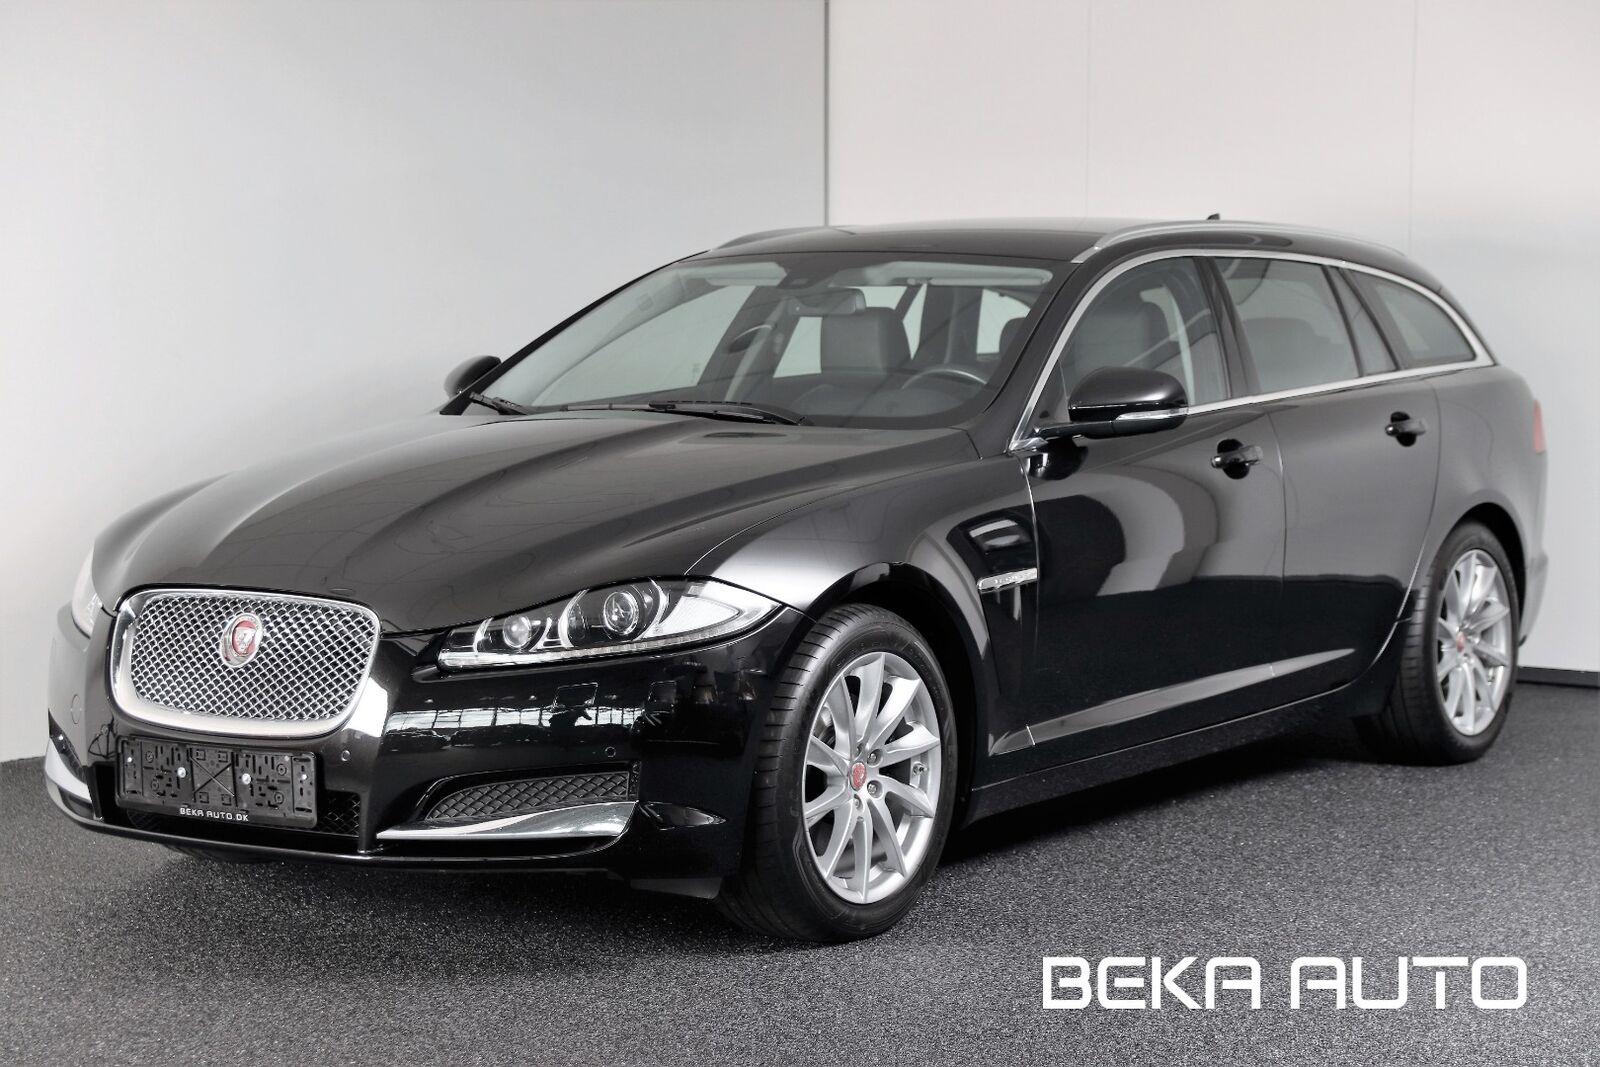 Jaguar XF 2,2 D S Luxury SB aut. 5d - 4.500 kr.